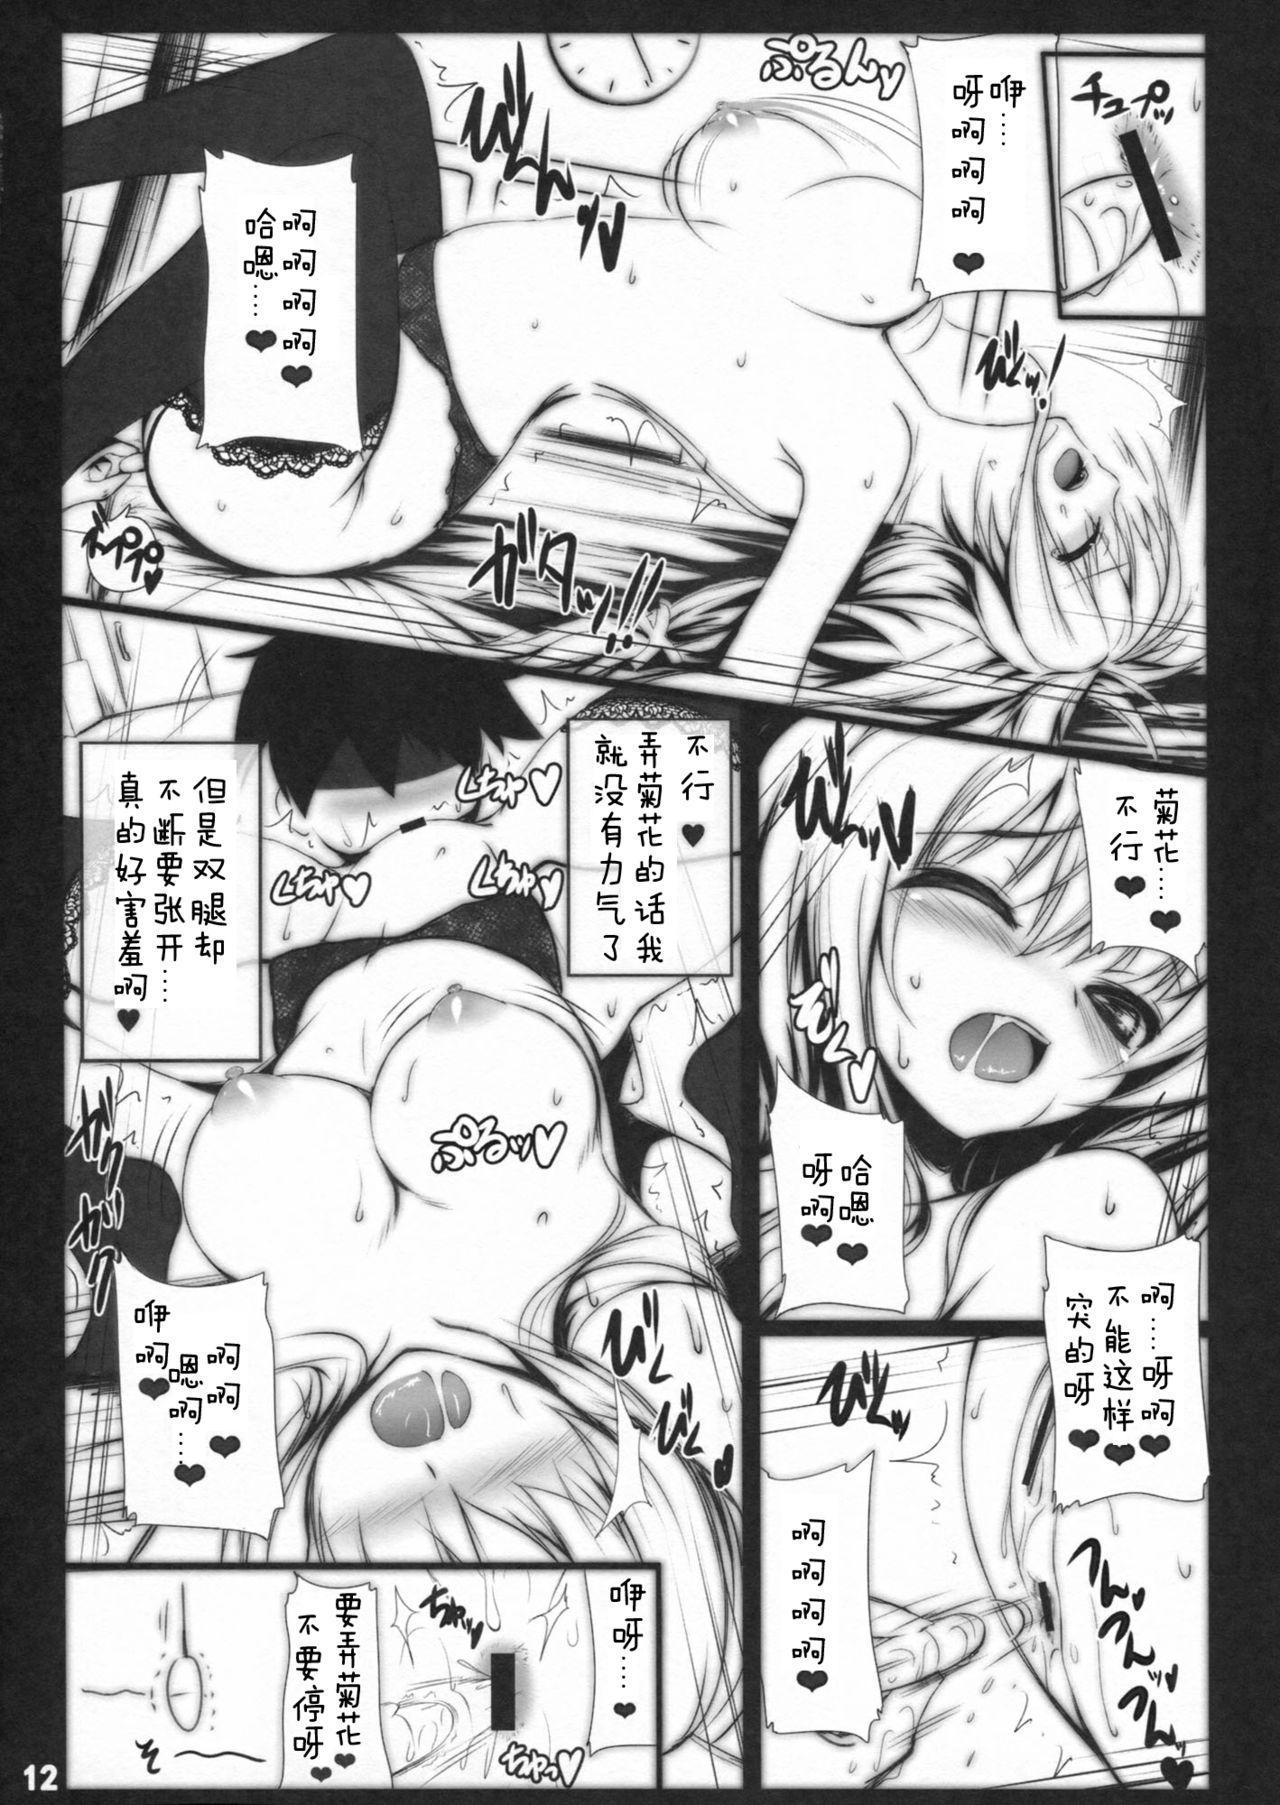 Mayonaka no Teiki Kenshin Reverse 10